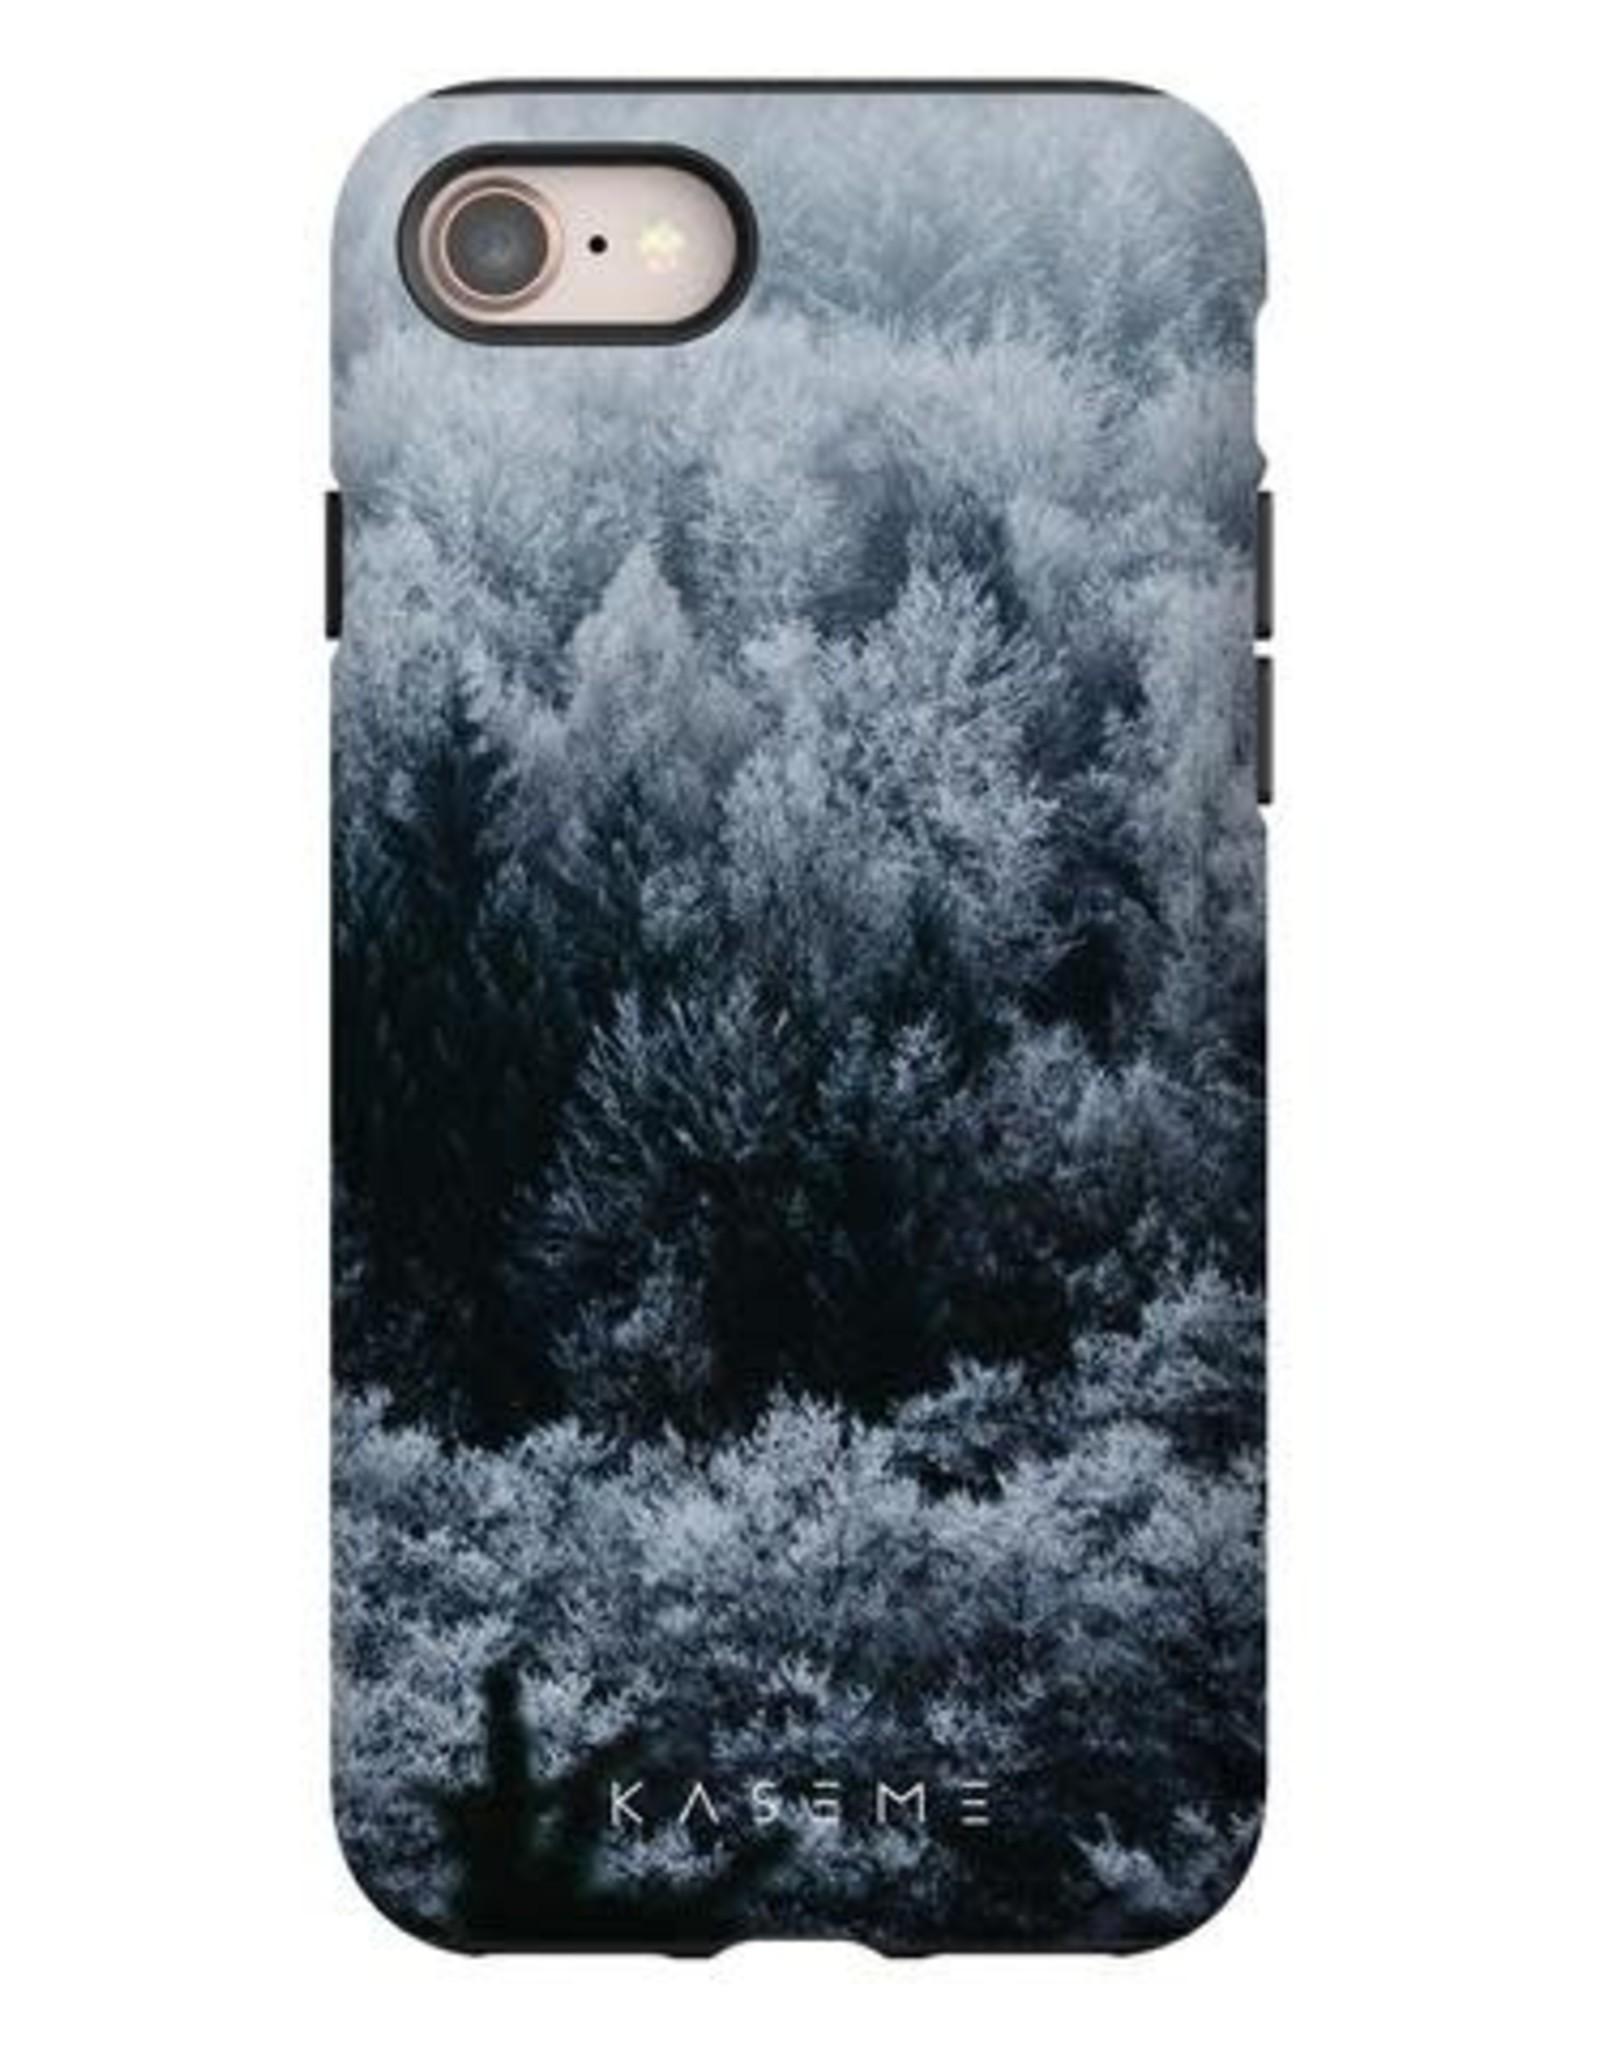 Kaseme Kaseme - étui cellulaire blizzard